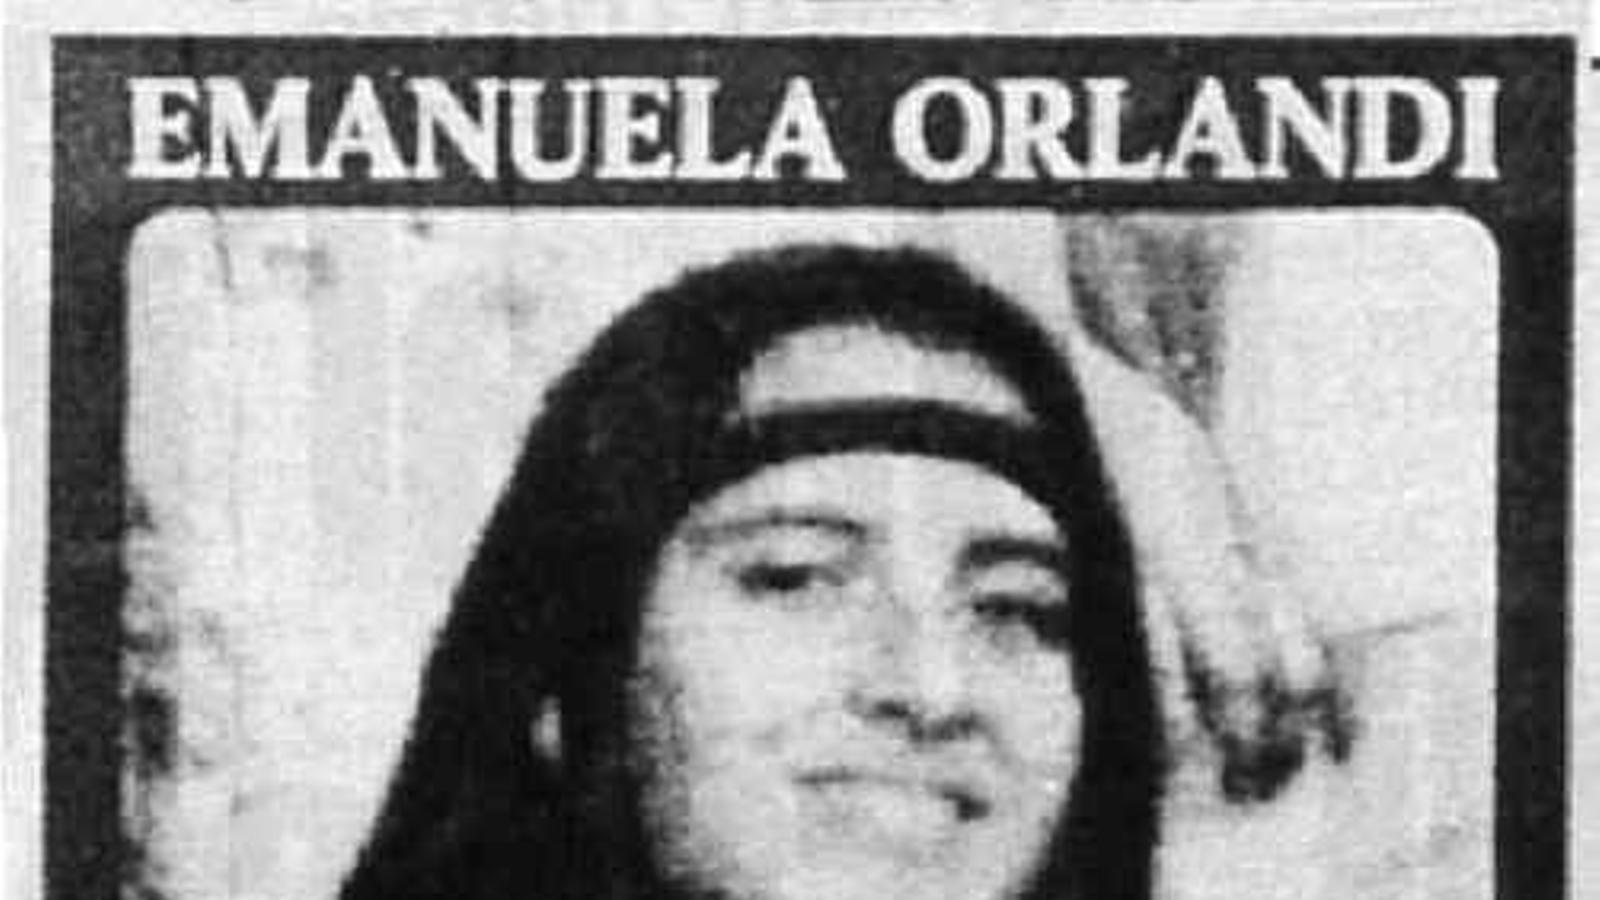 Les restes òssies trobades al Vaticà podrien pertànyer a una noia de 15 anys desapareguda el 1983